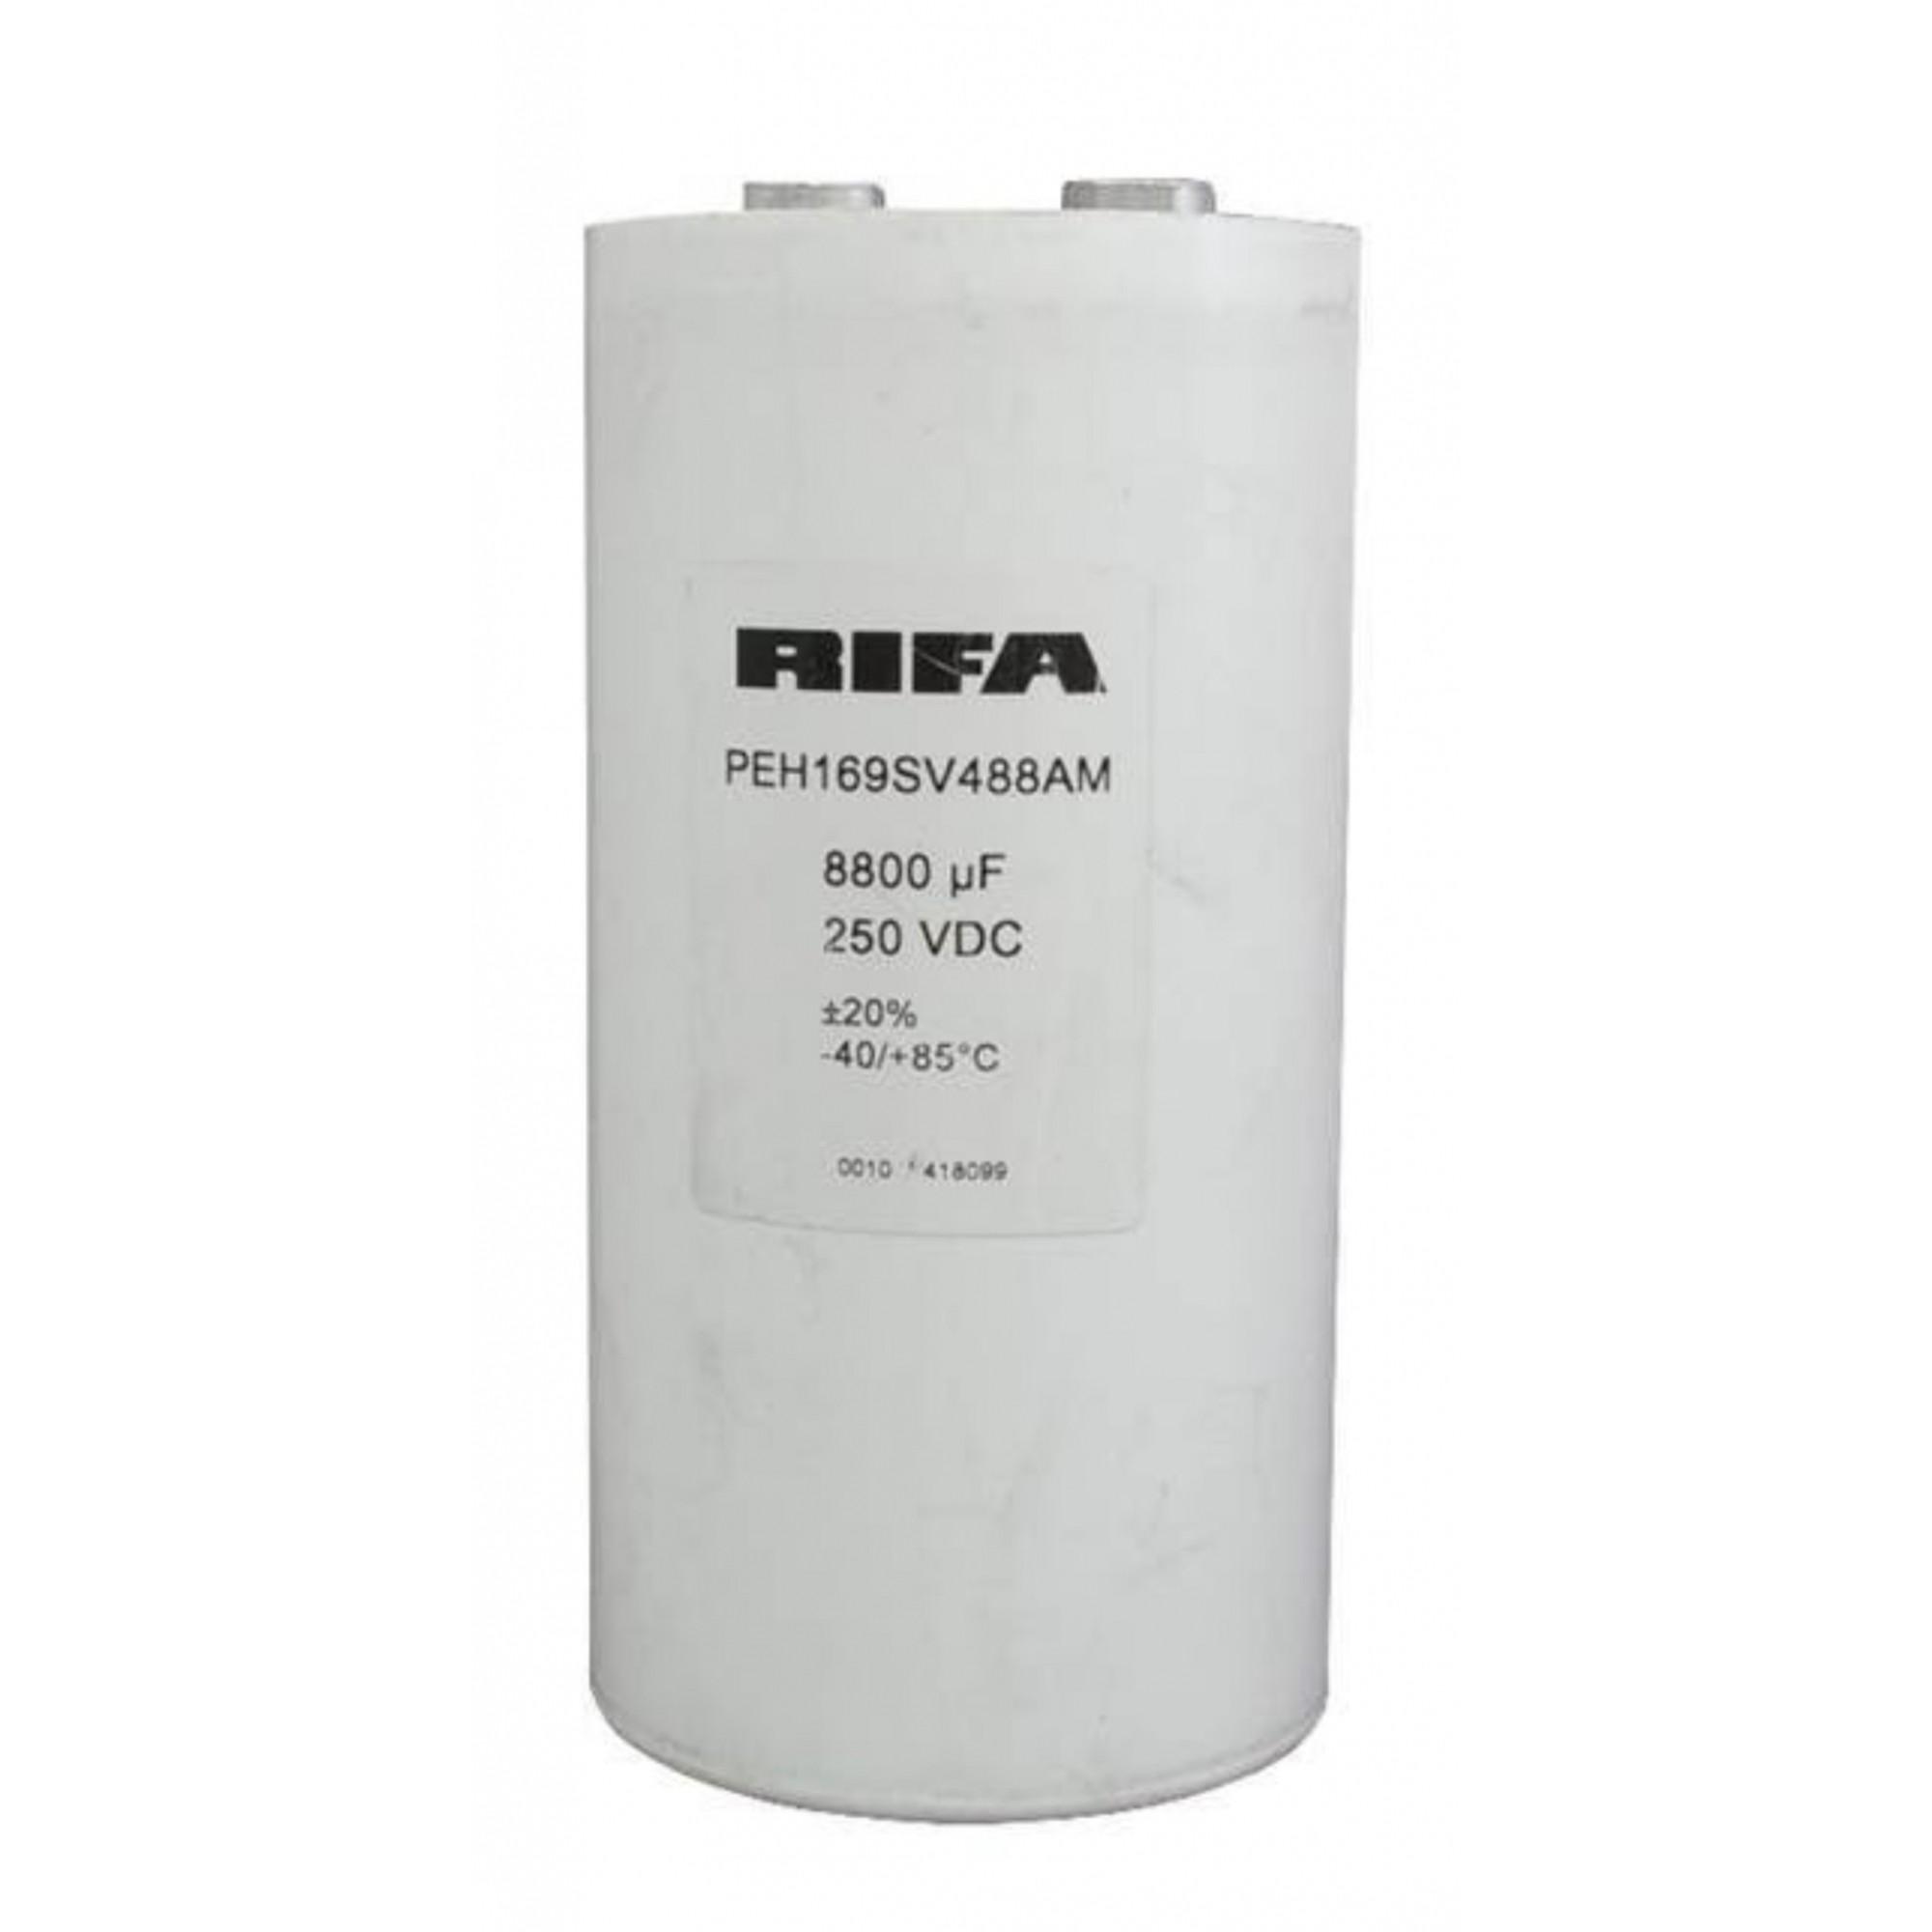 Capacitor Giga Rifa 8800UF X 250V PEH169SV488AMB2